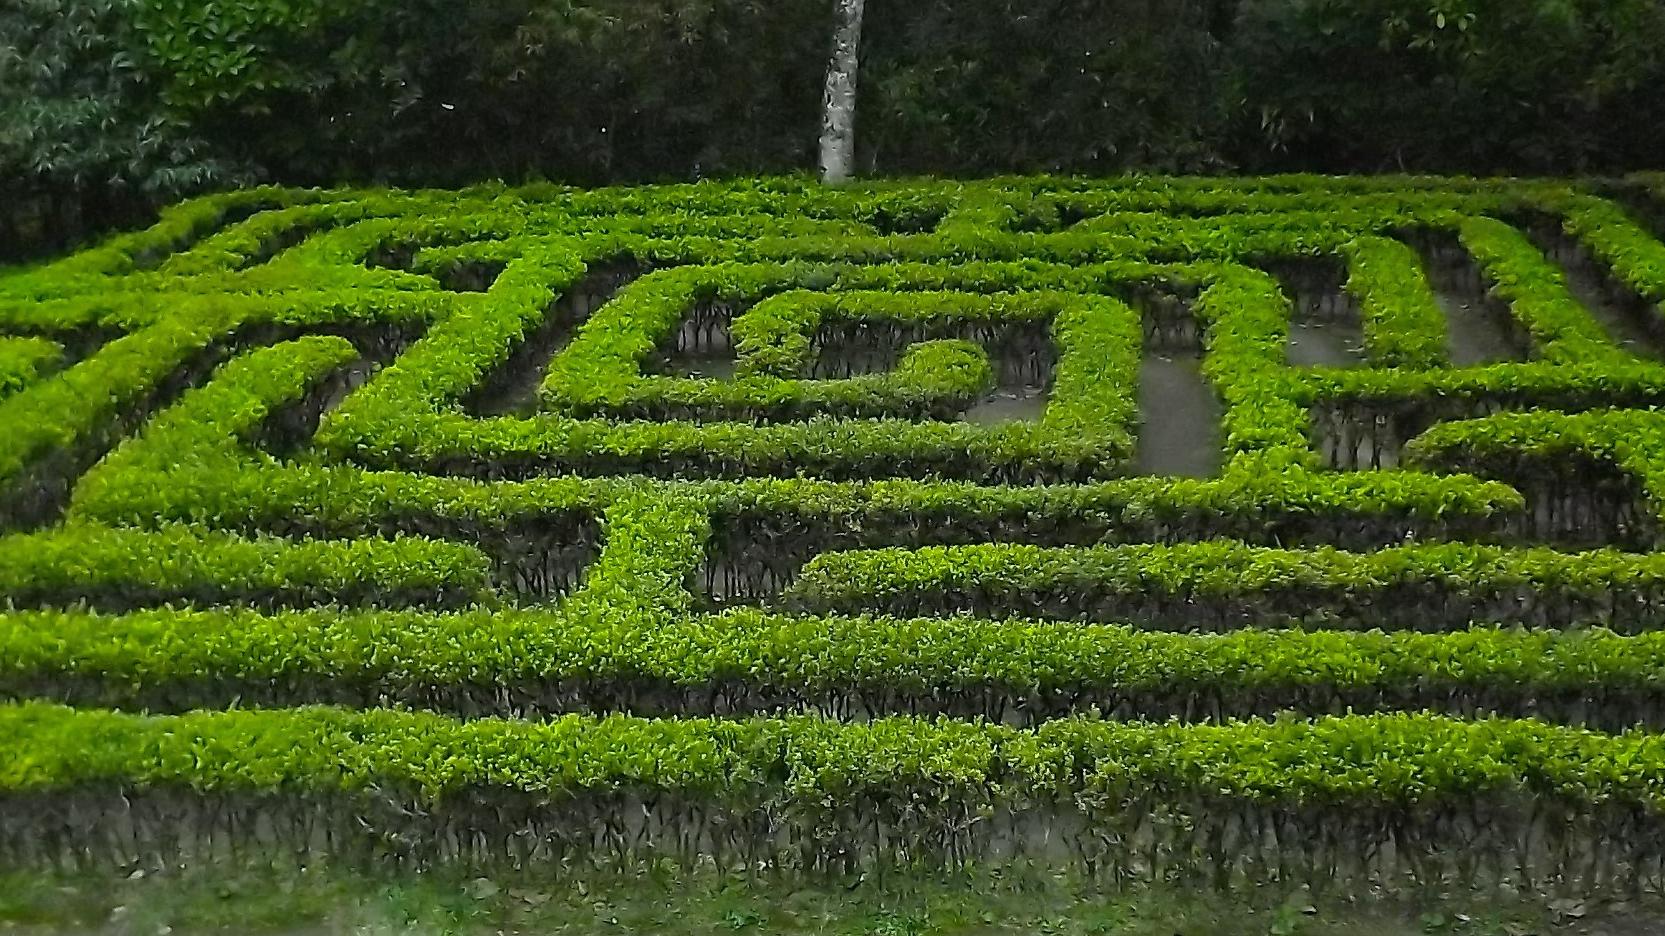 A maze in the Jardín Botánico del Quindío, in Calarcá, Quindío, Colombia. (Photo by Sergio D. Botero.)